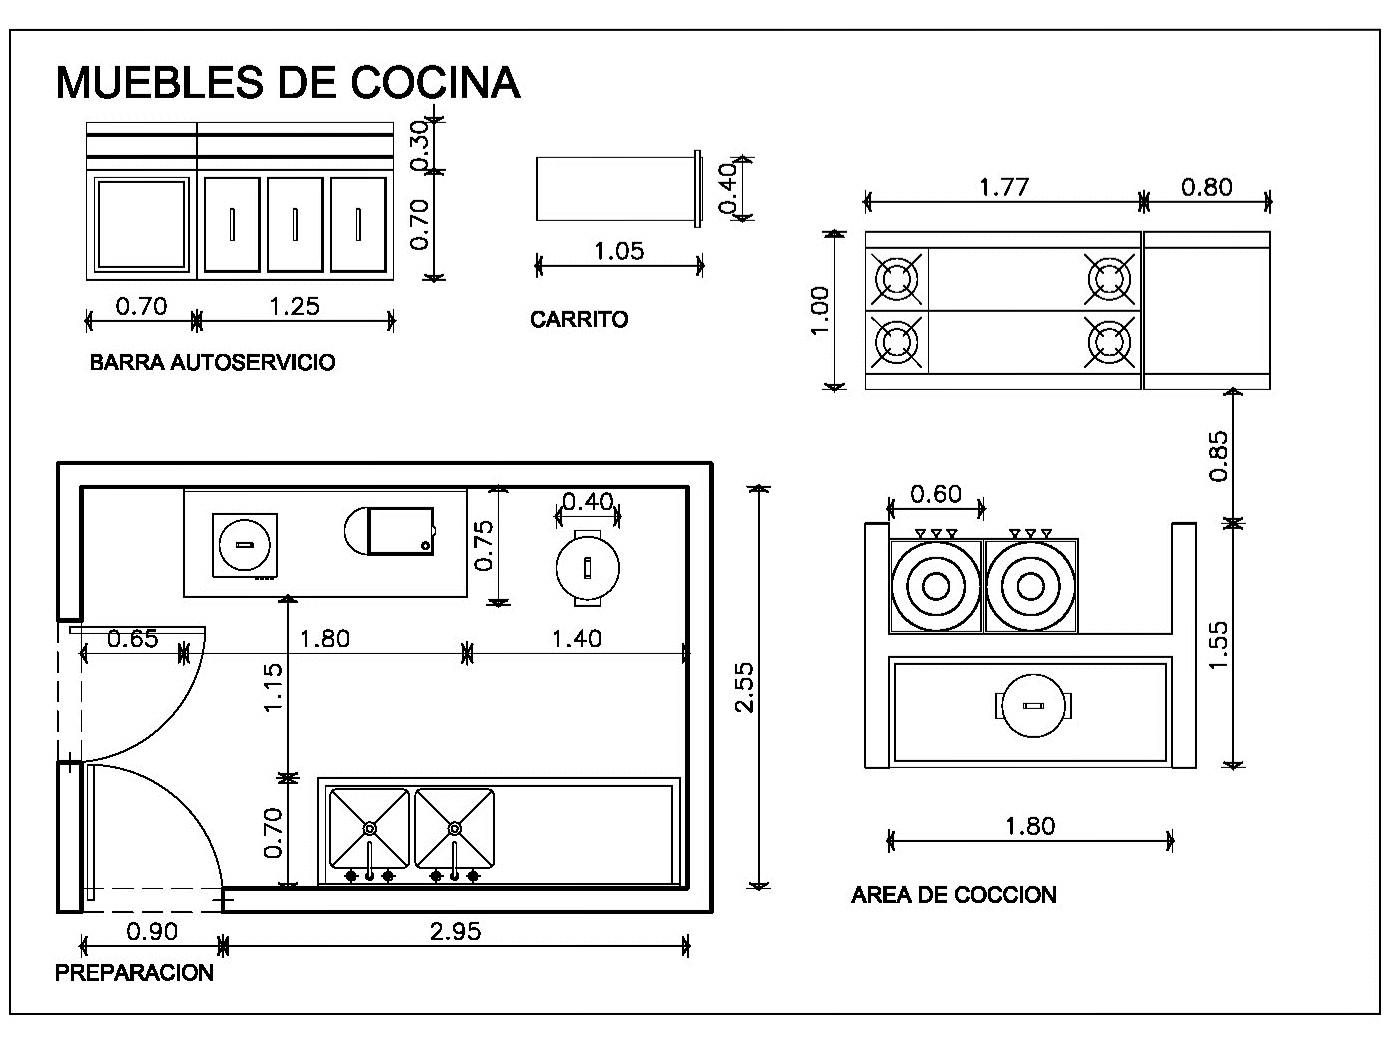 Cocina Restaurante Bloque Autocad